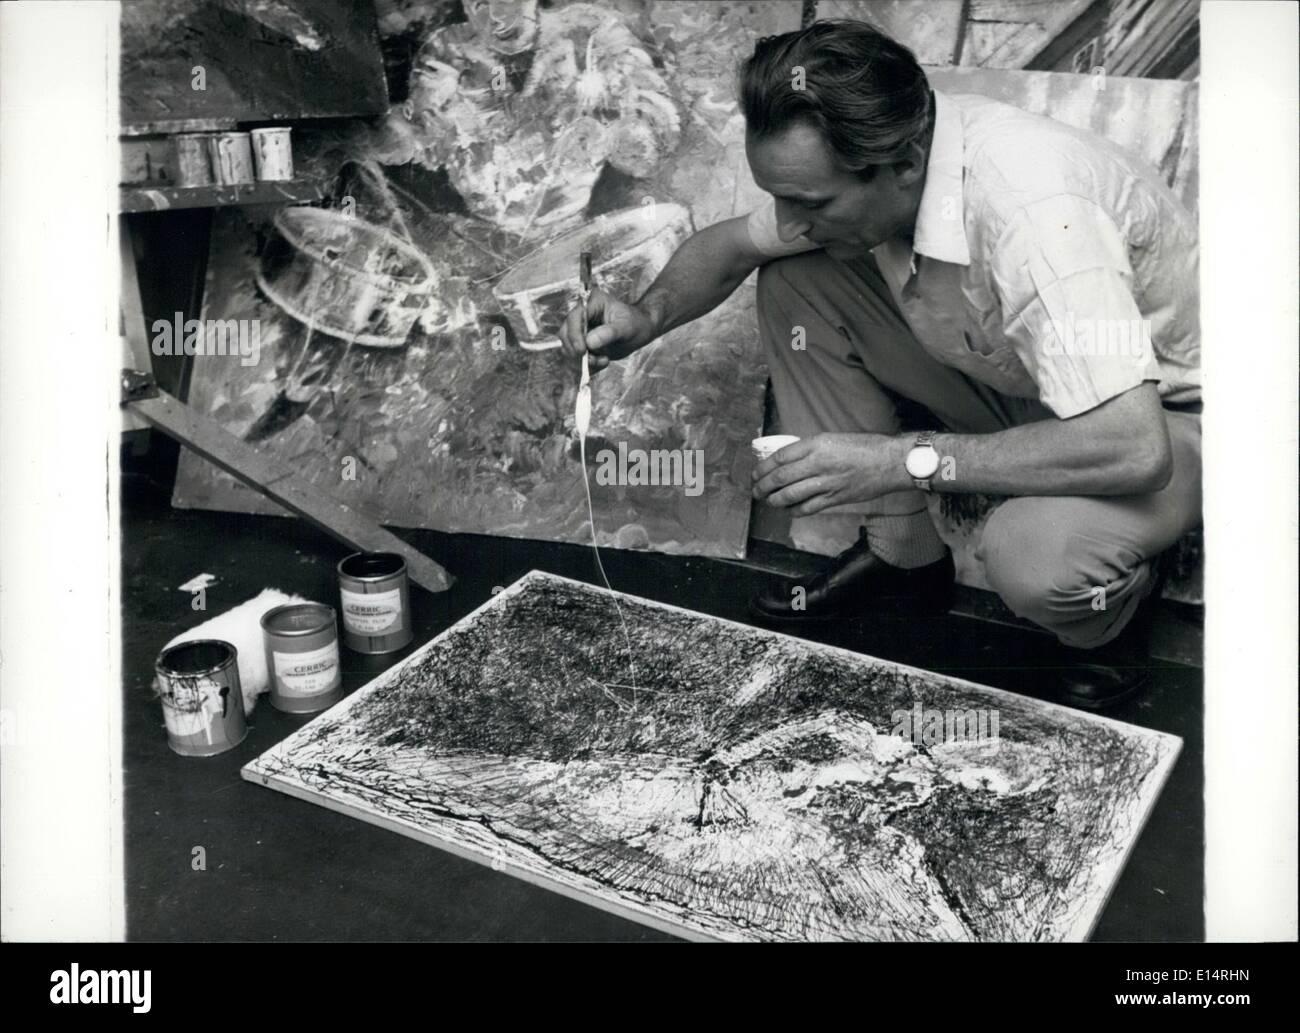 Apr. 18, 2012 - Il gocciolamento technique: Mr.Mann utilizza il rompigoccia techniqe su uno dei suoi dipinti. Il processo è eccitante come i risultati. Immagini Stock